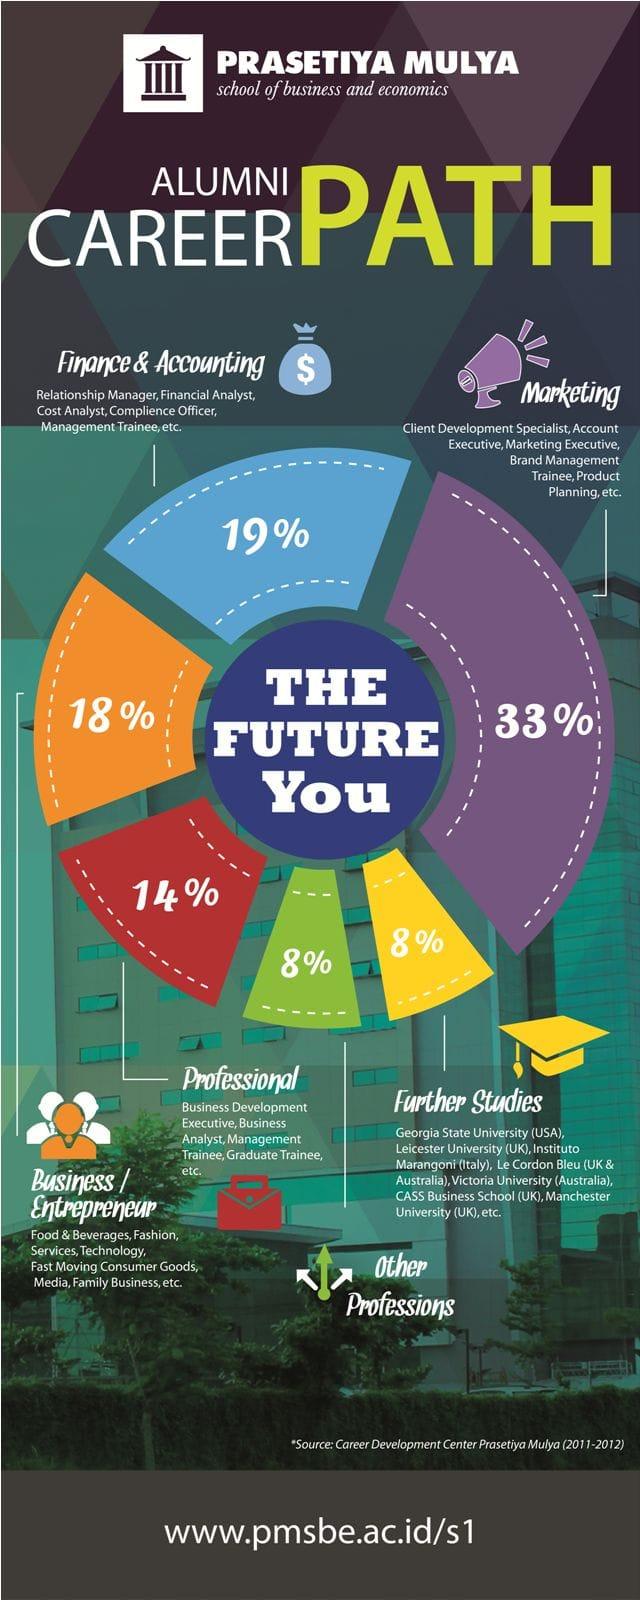 Prasmul Alumni Career Path (2011-2012) - Cerita Prasmul